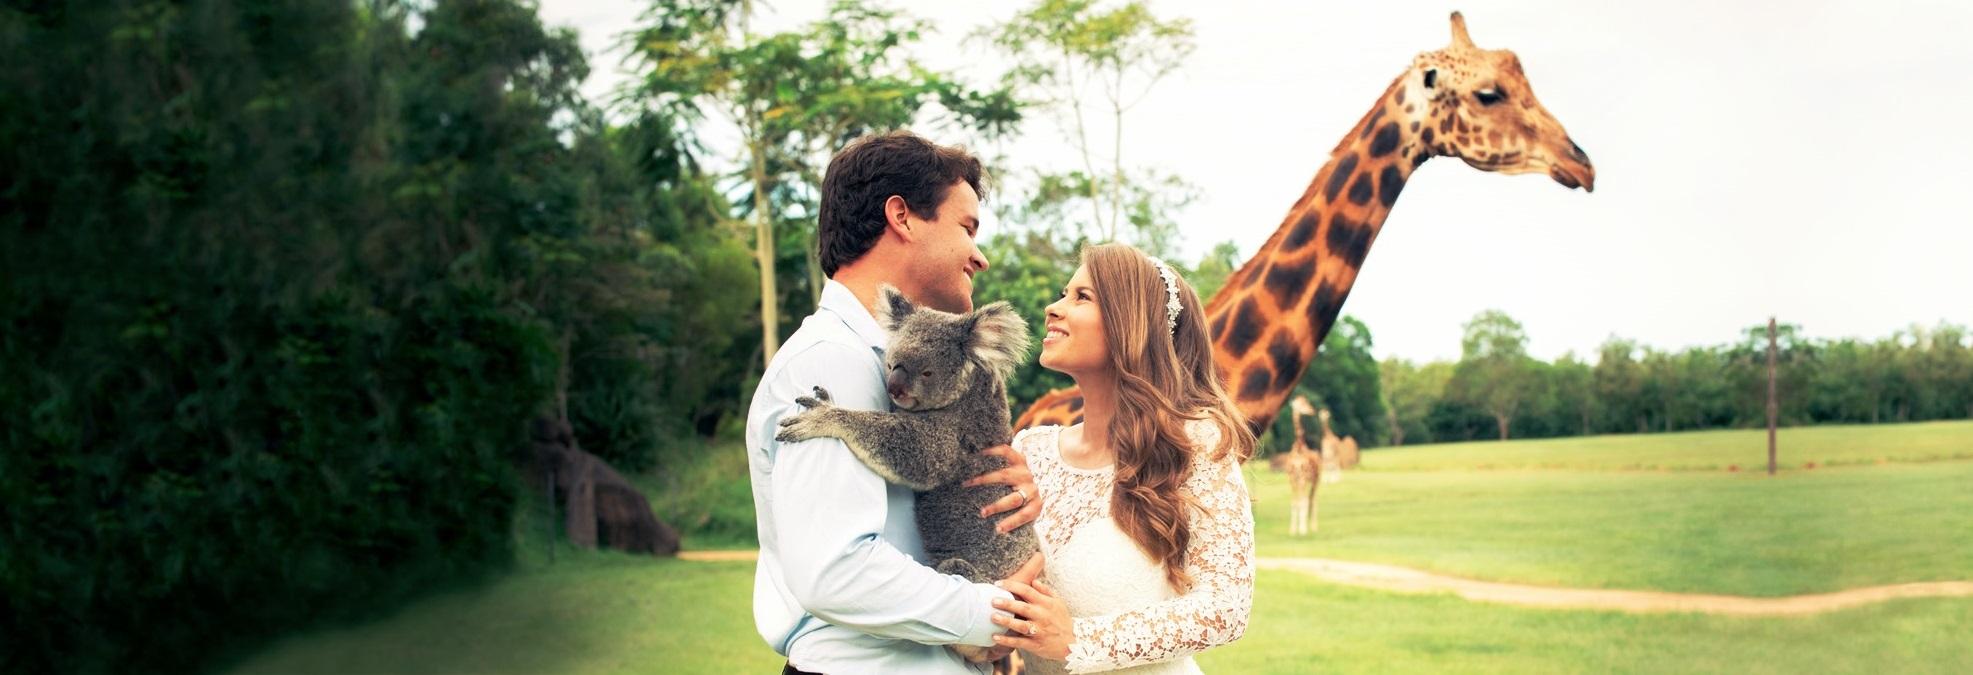 Bindi Irwin and Chandler Power with Koala and Giraffe